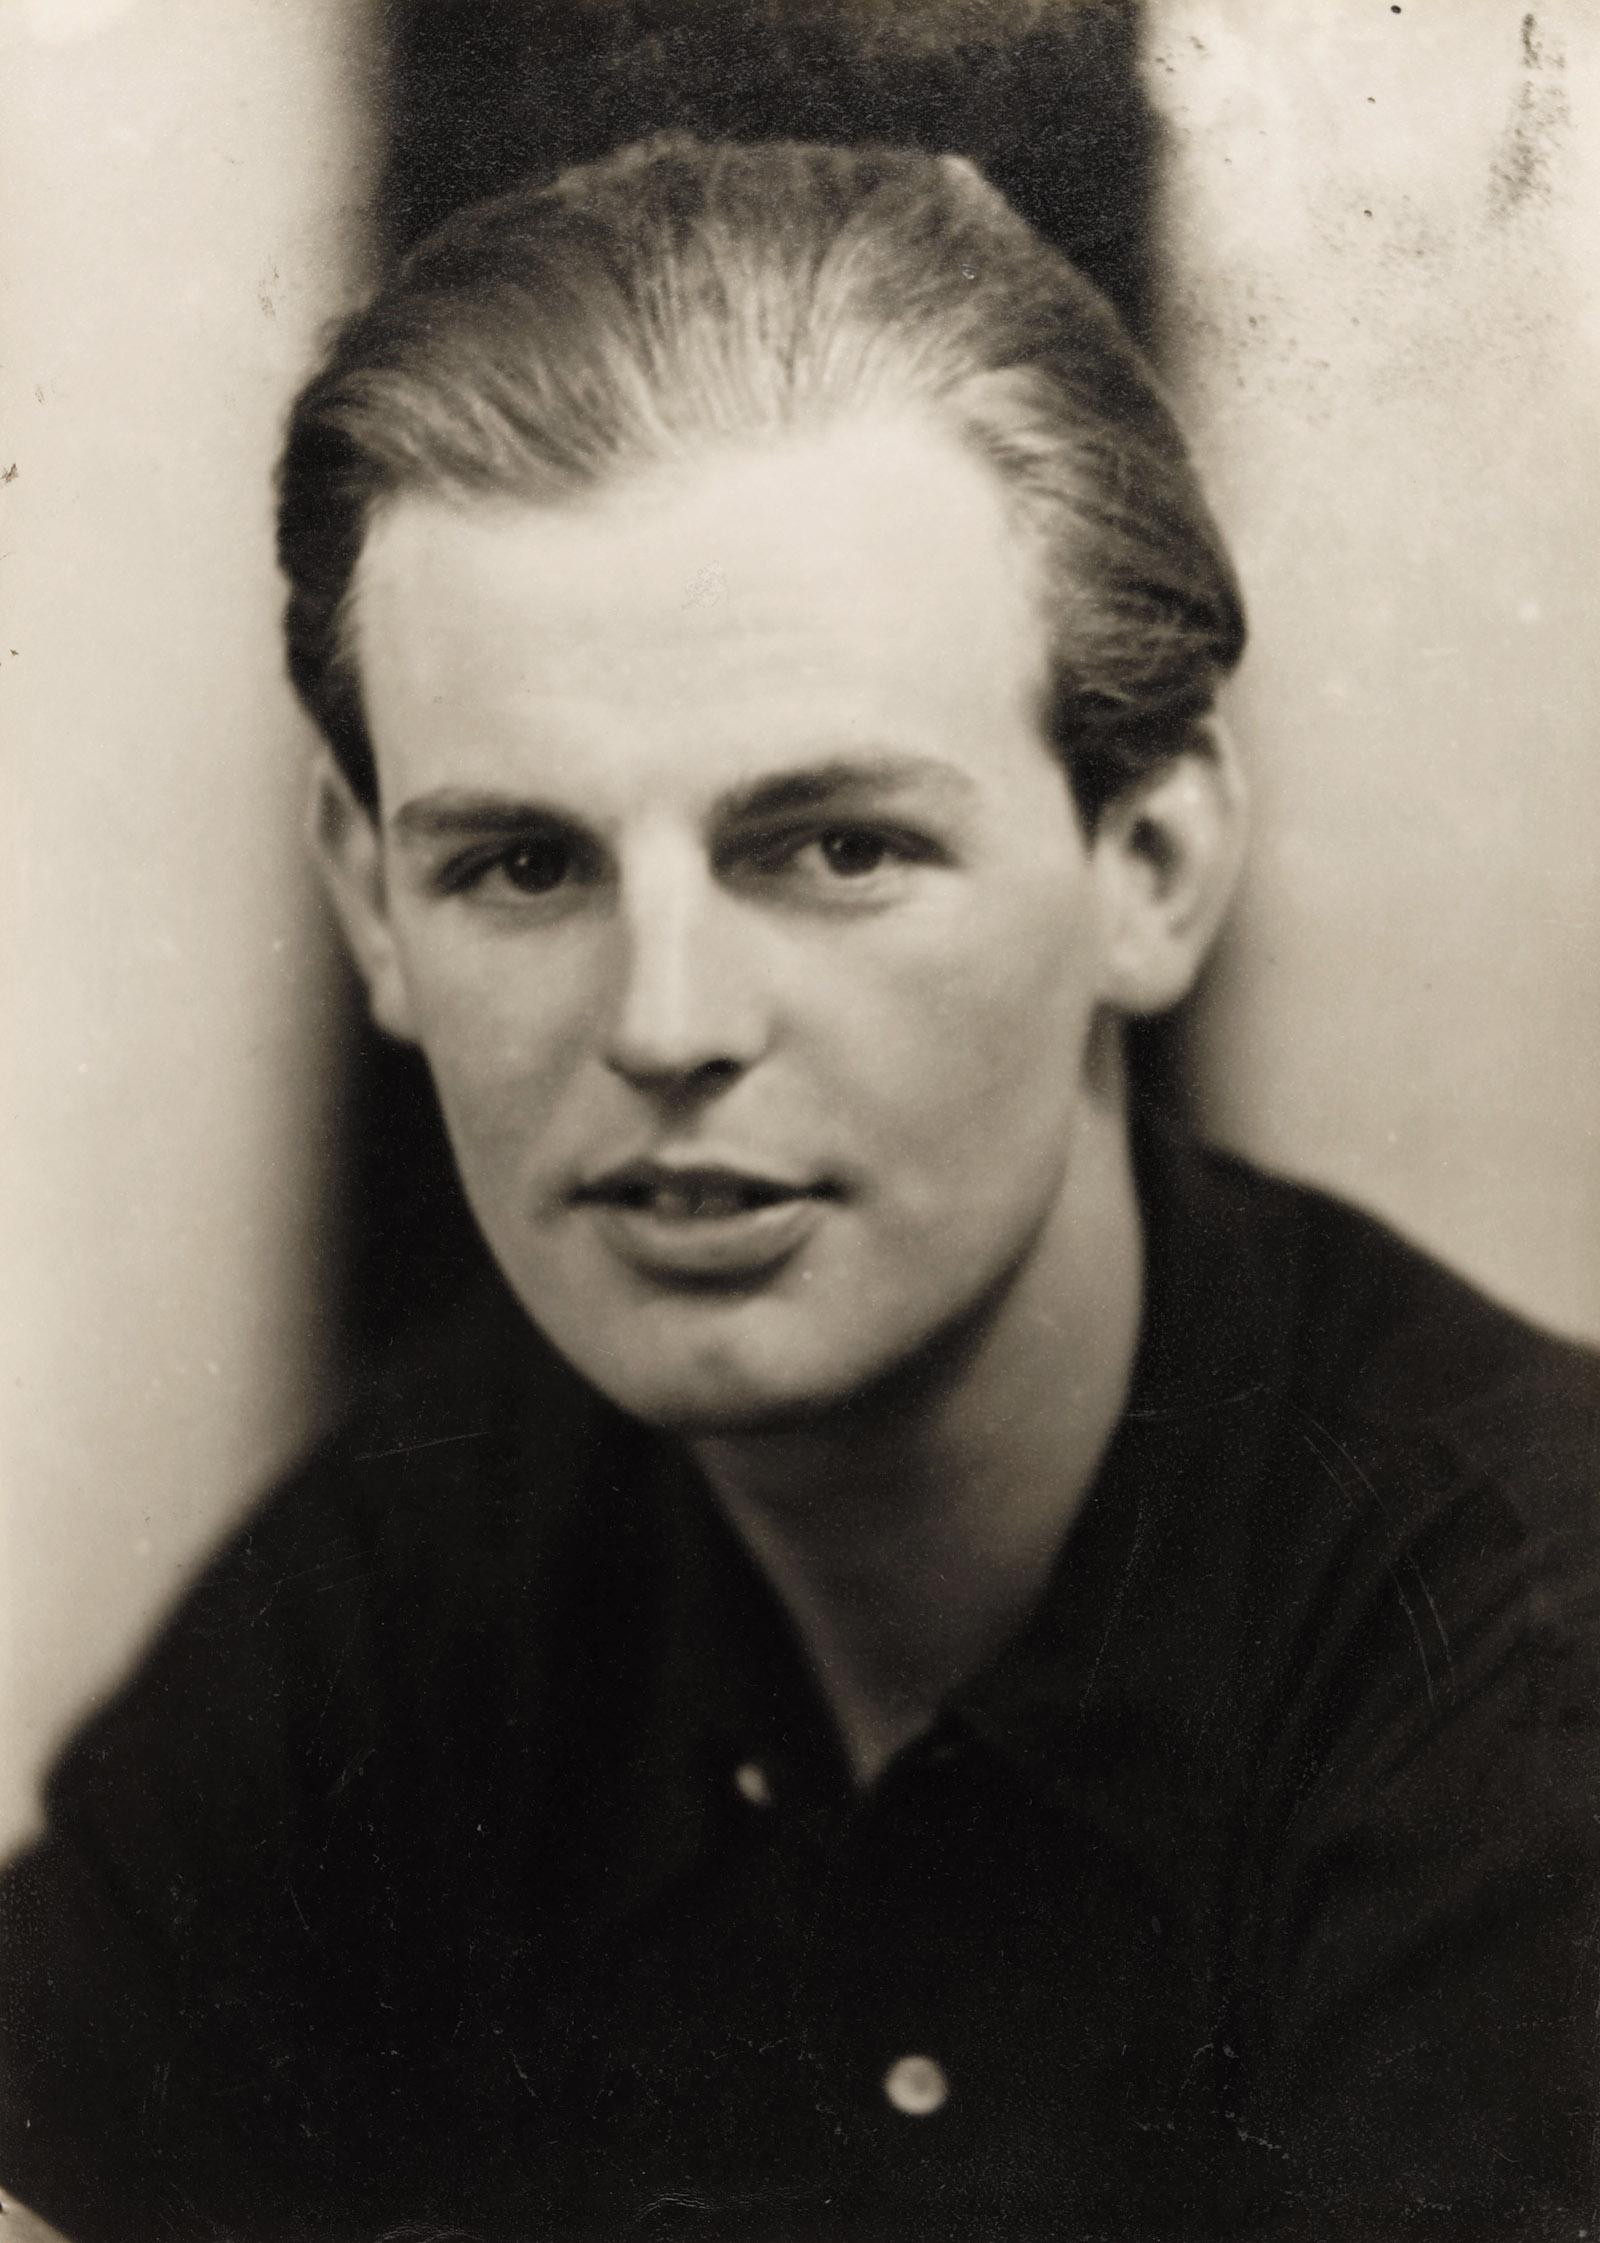 Donald Maclean, 1930s